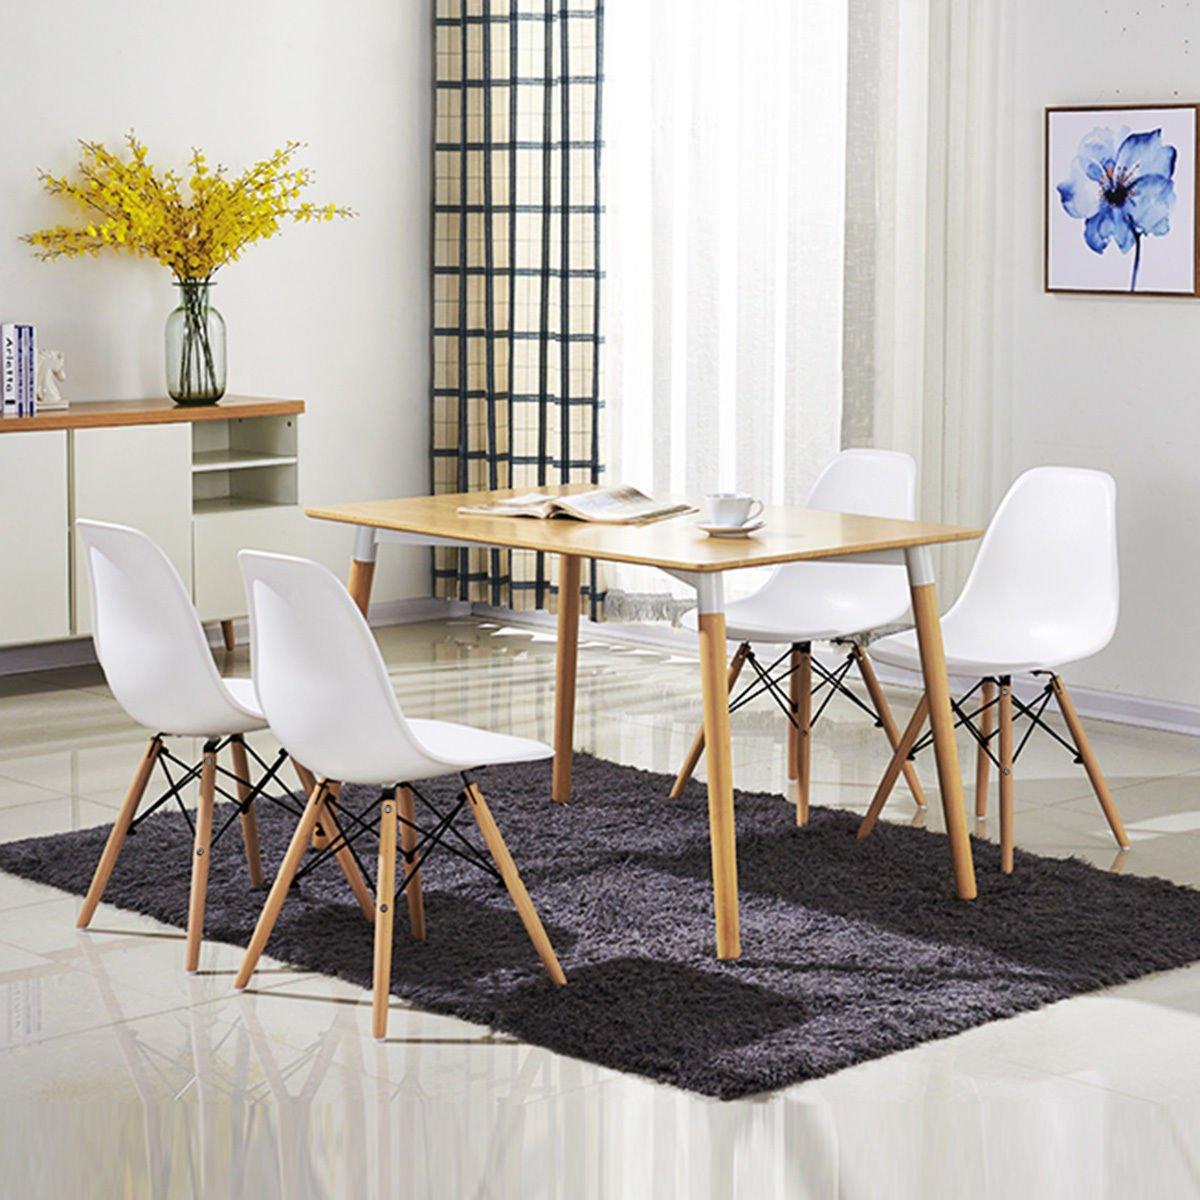 Amazon.com: costway Conjunto de 4 estilo de Eames Silla Mid ...